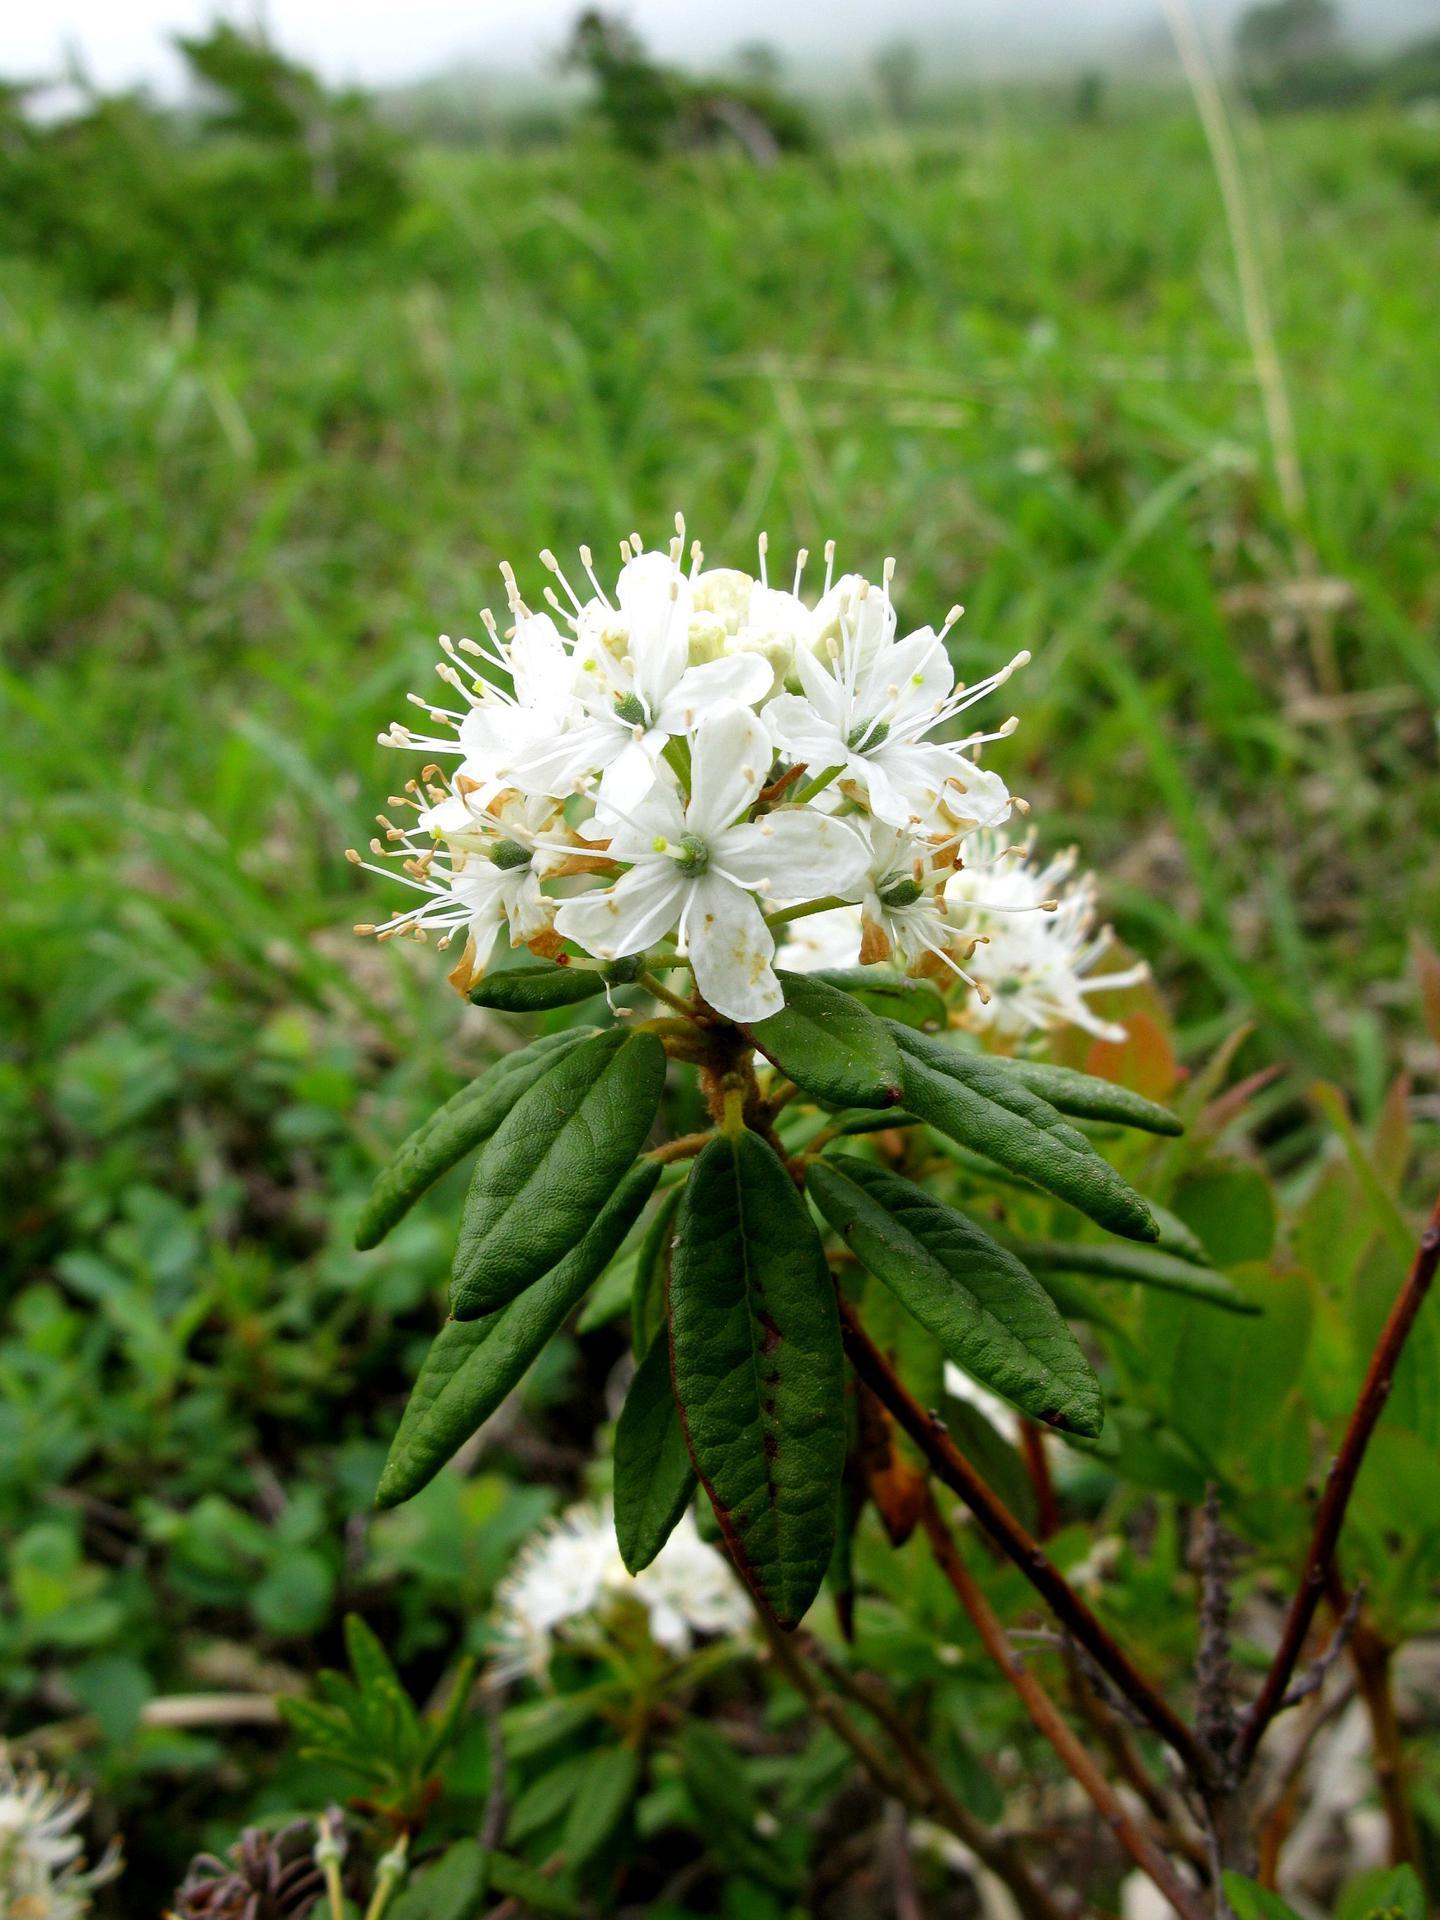 백산차, Ledum palustre L. var. decumbens Aiton